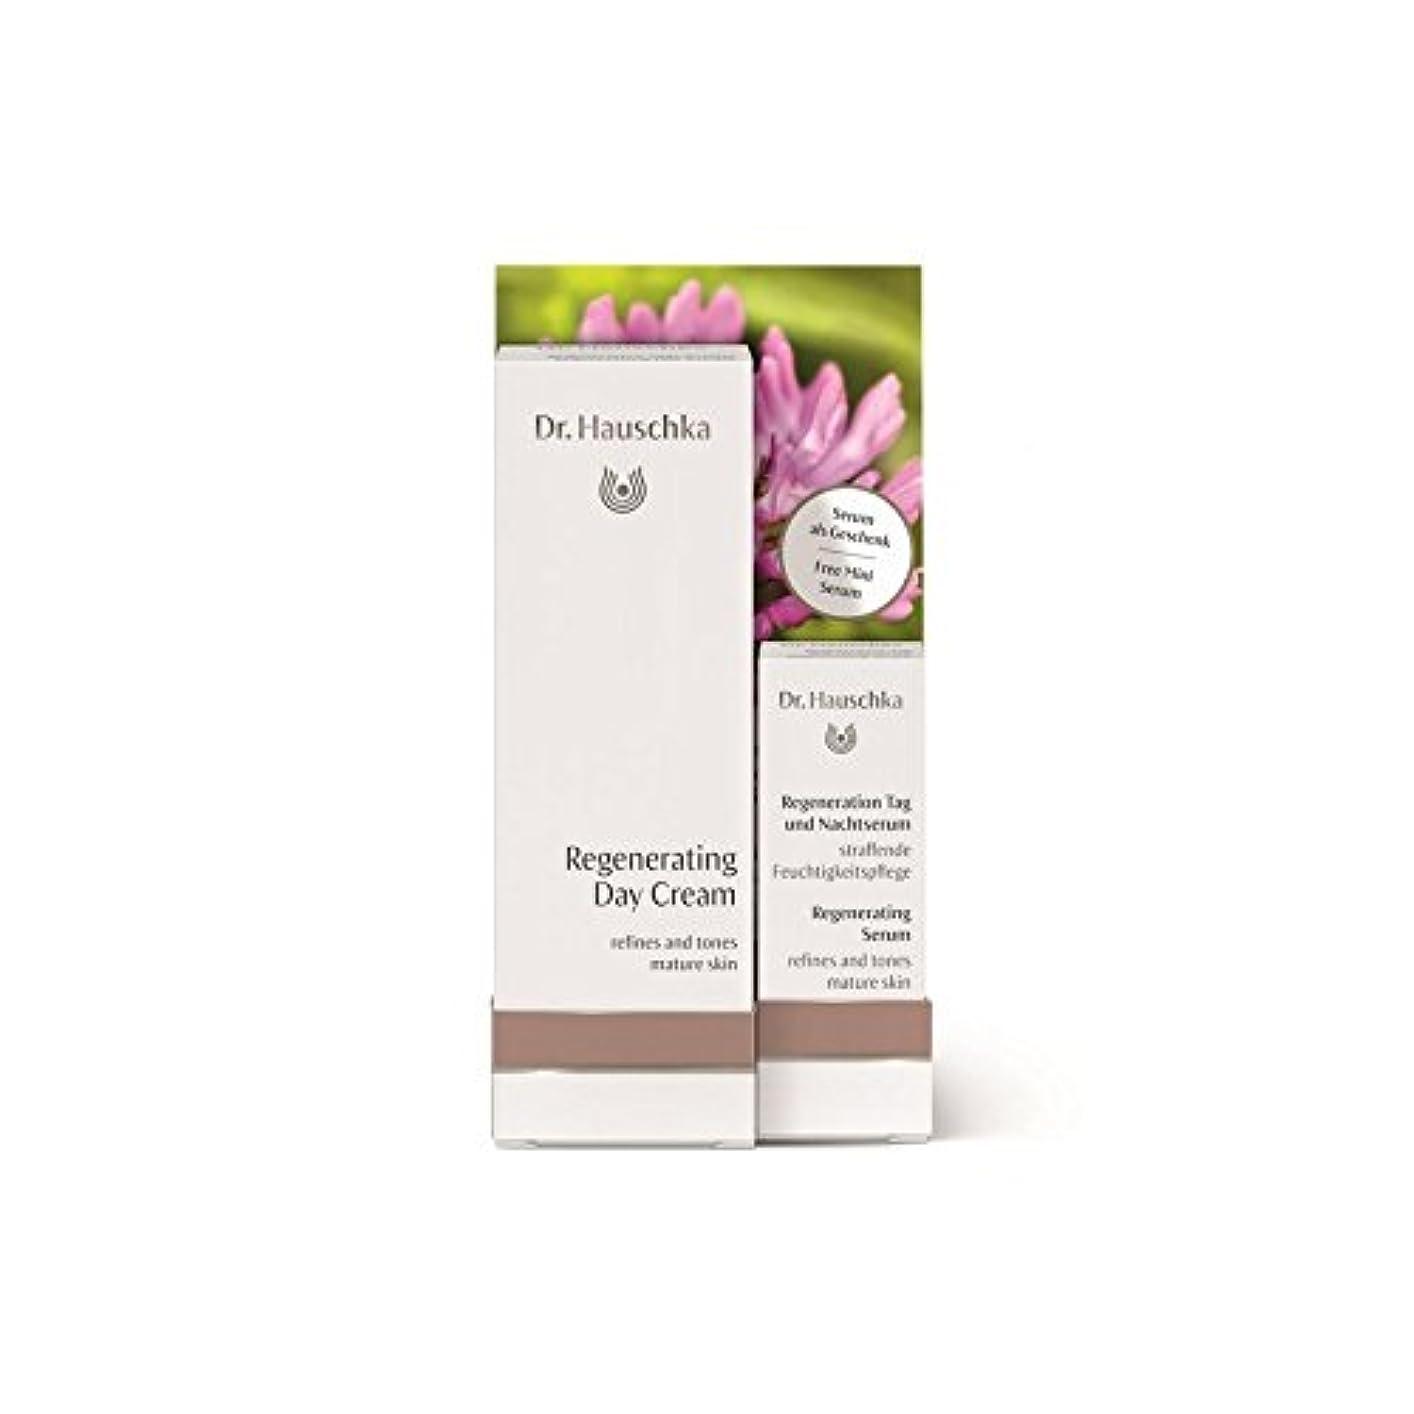 哺乳類囲まれた感性Dr. Hauschka Regenerating Day Cream with a free Regenerating Serum 2.5ml - 無料再生血清2.5ミリリットルとハウシュカ再生デイクリーム [並行輸入品]